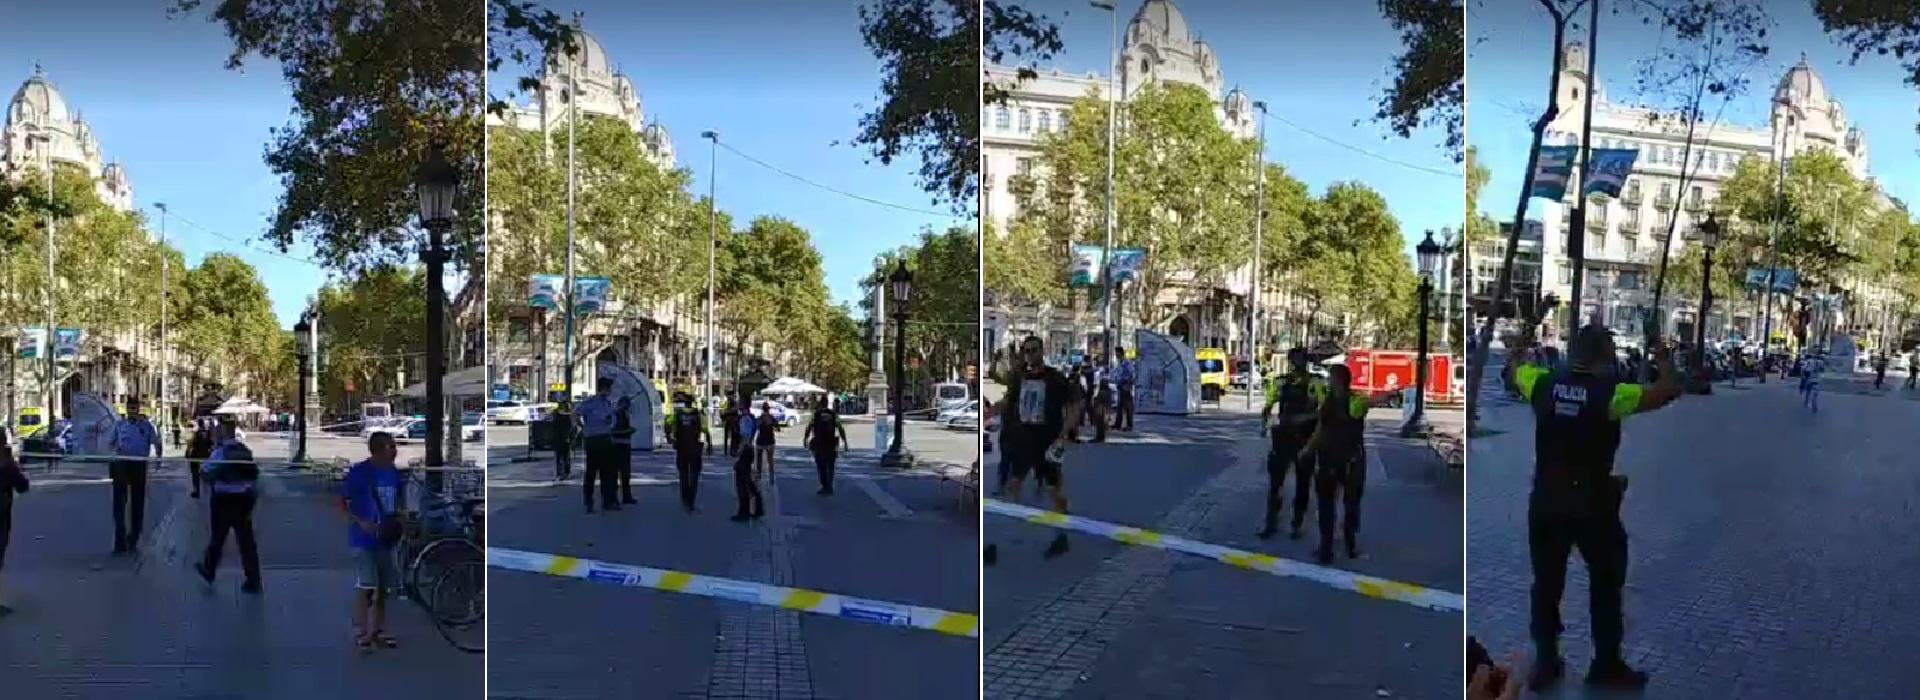 Zwolniono drugiego aresztowanego po zamachach w Barcelonie i Cambrils